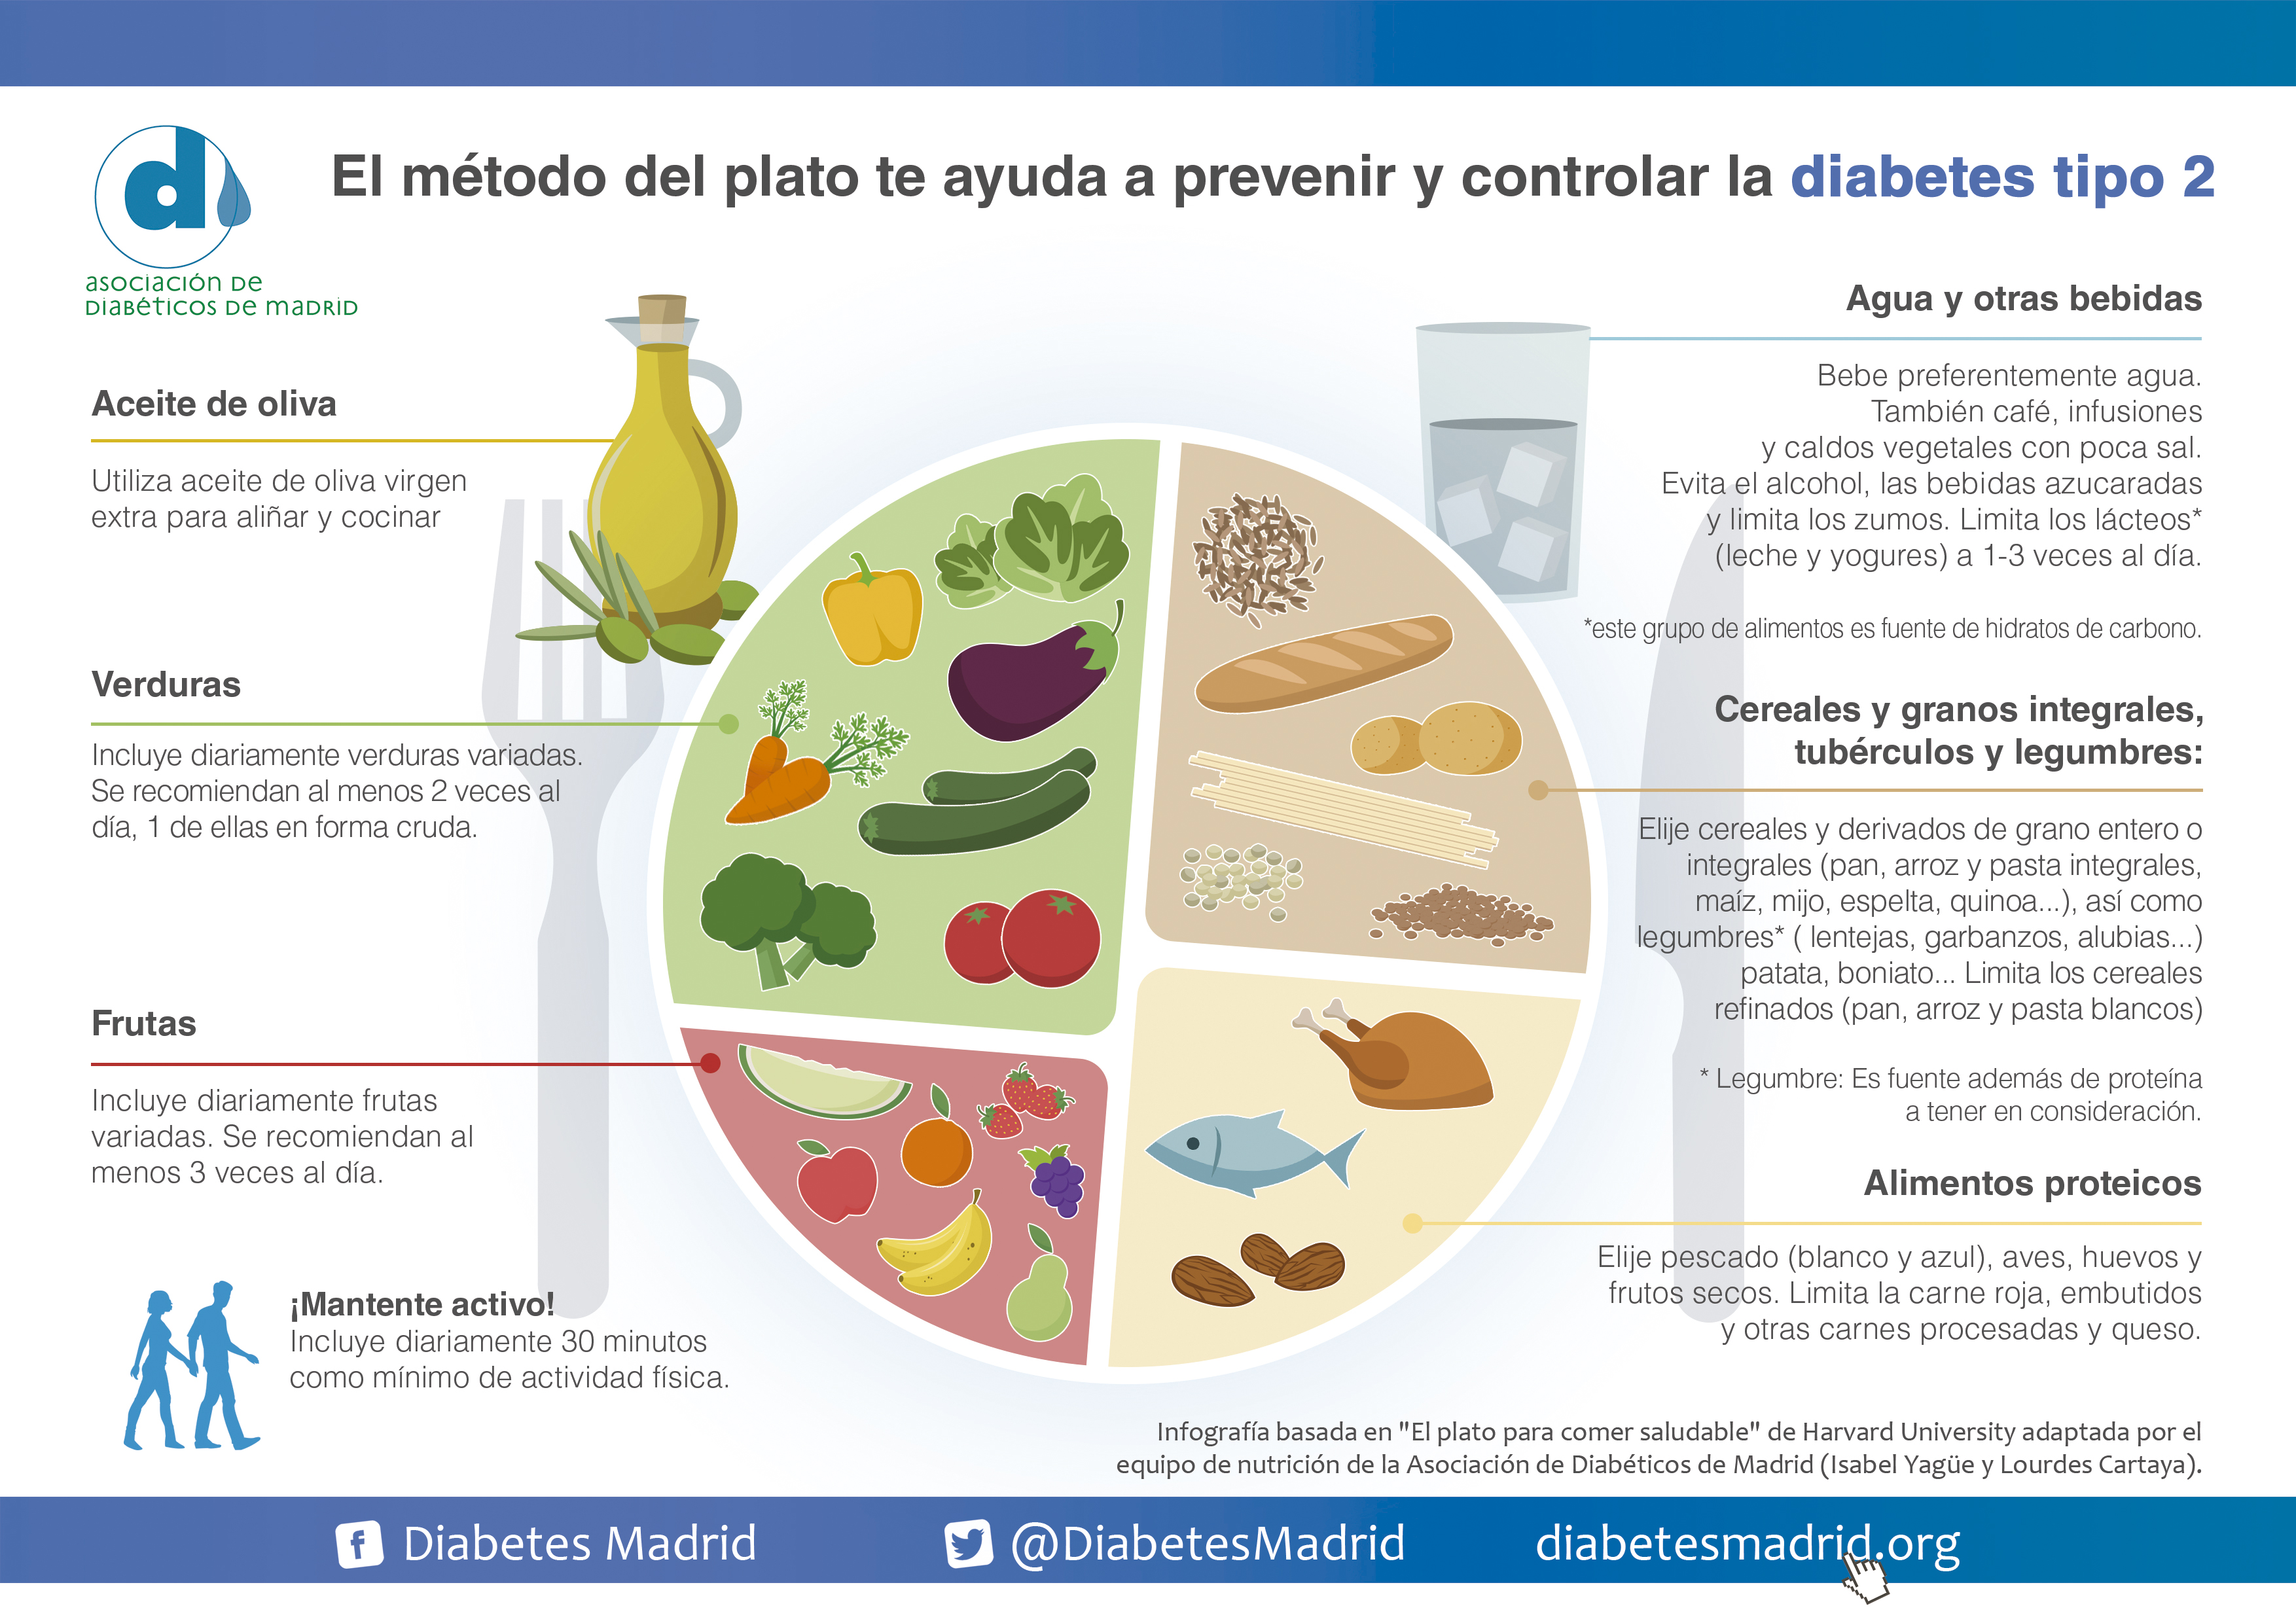 Recursos para controlar la alimentaci n en navidad asociaci n diabetes madrid - Alimentos para controlar la diabetes ...